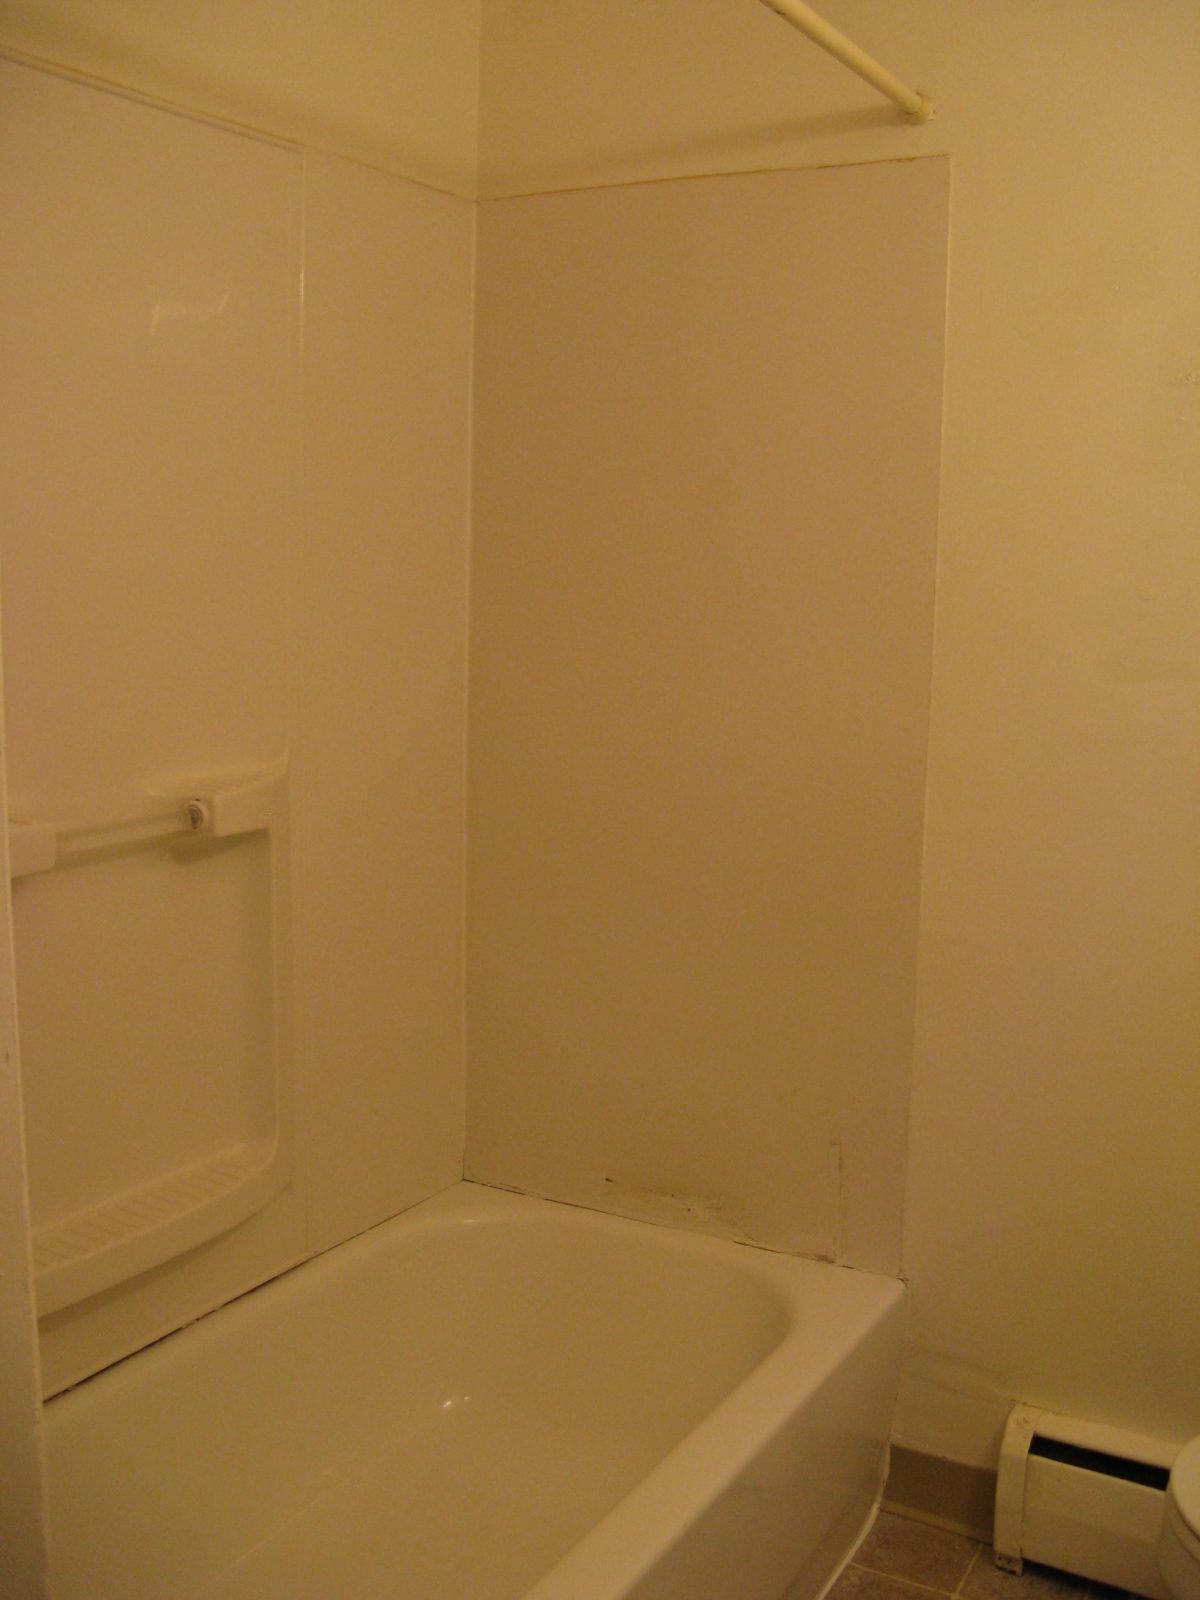 694 Bathroom Tub